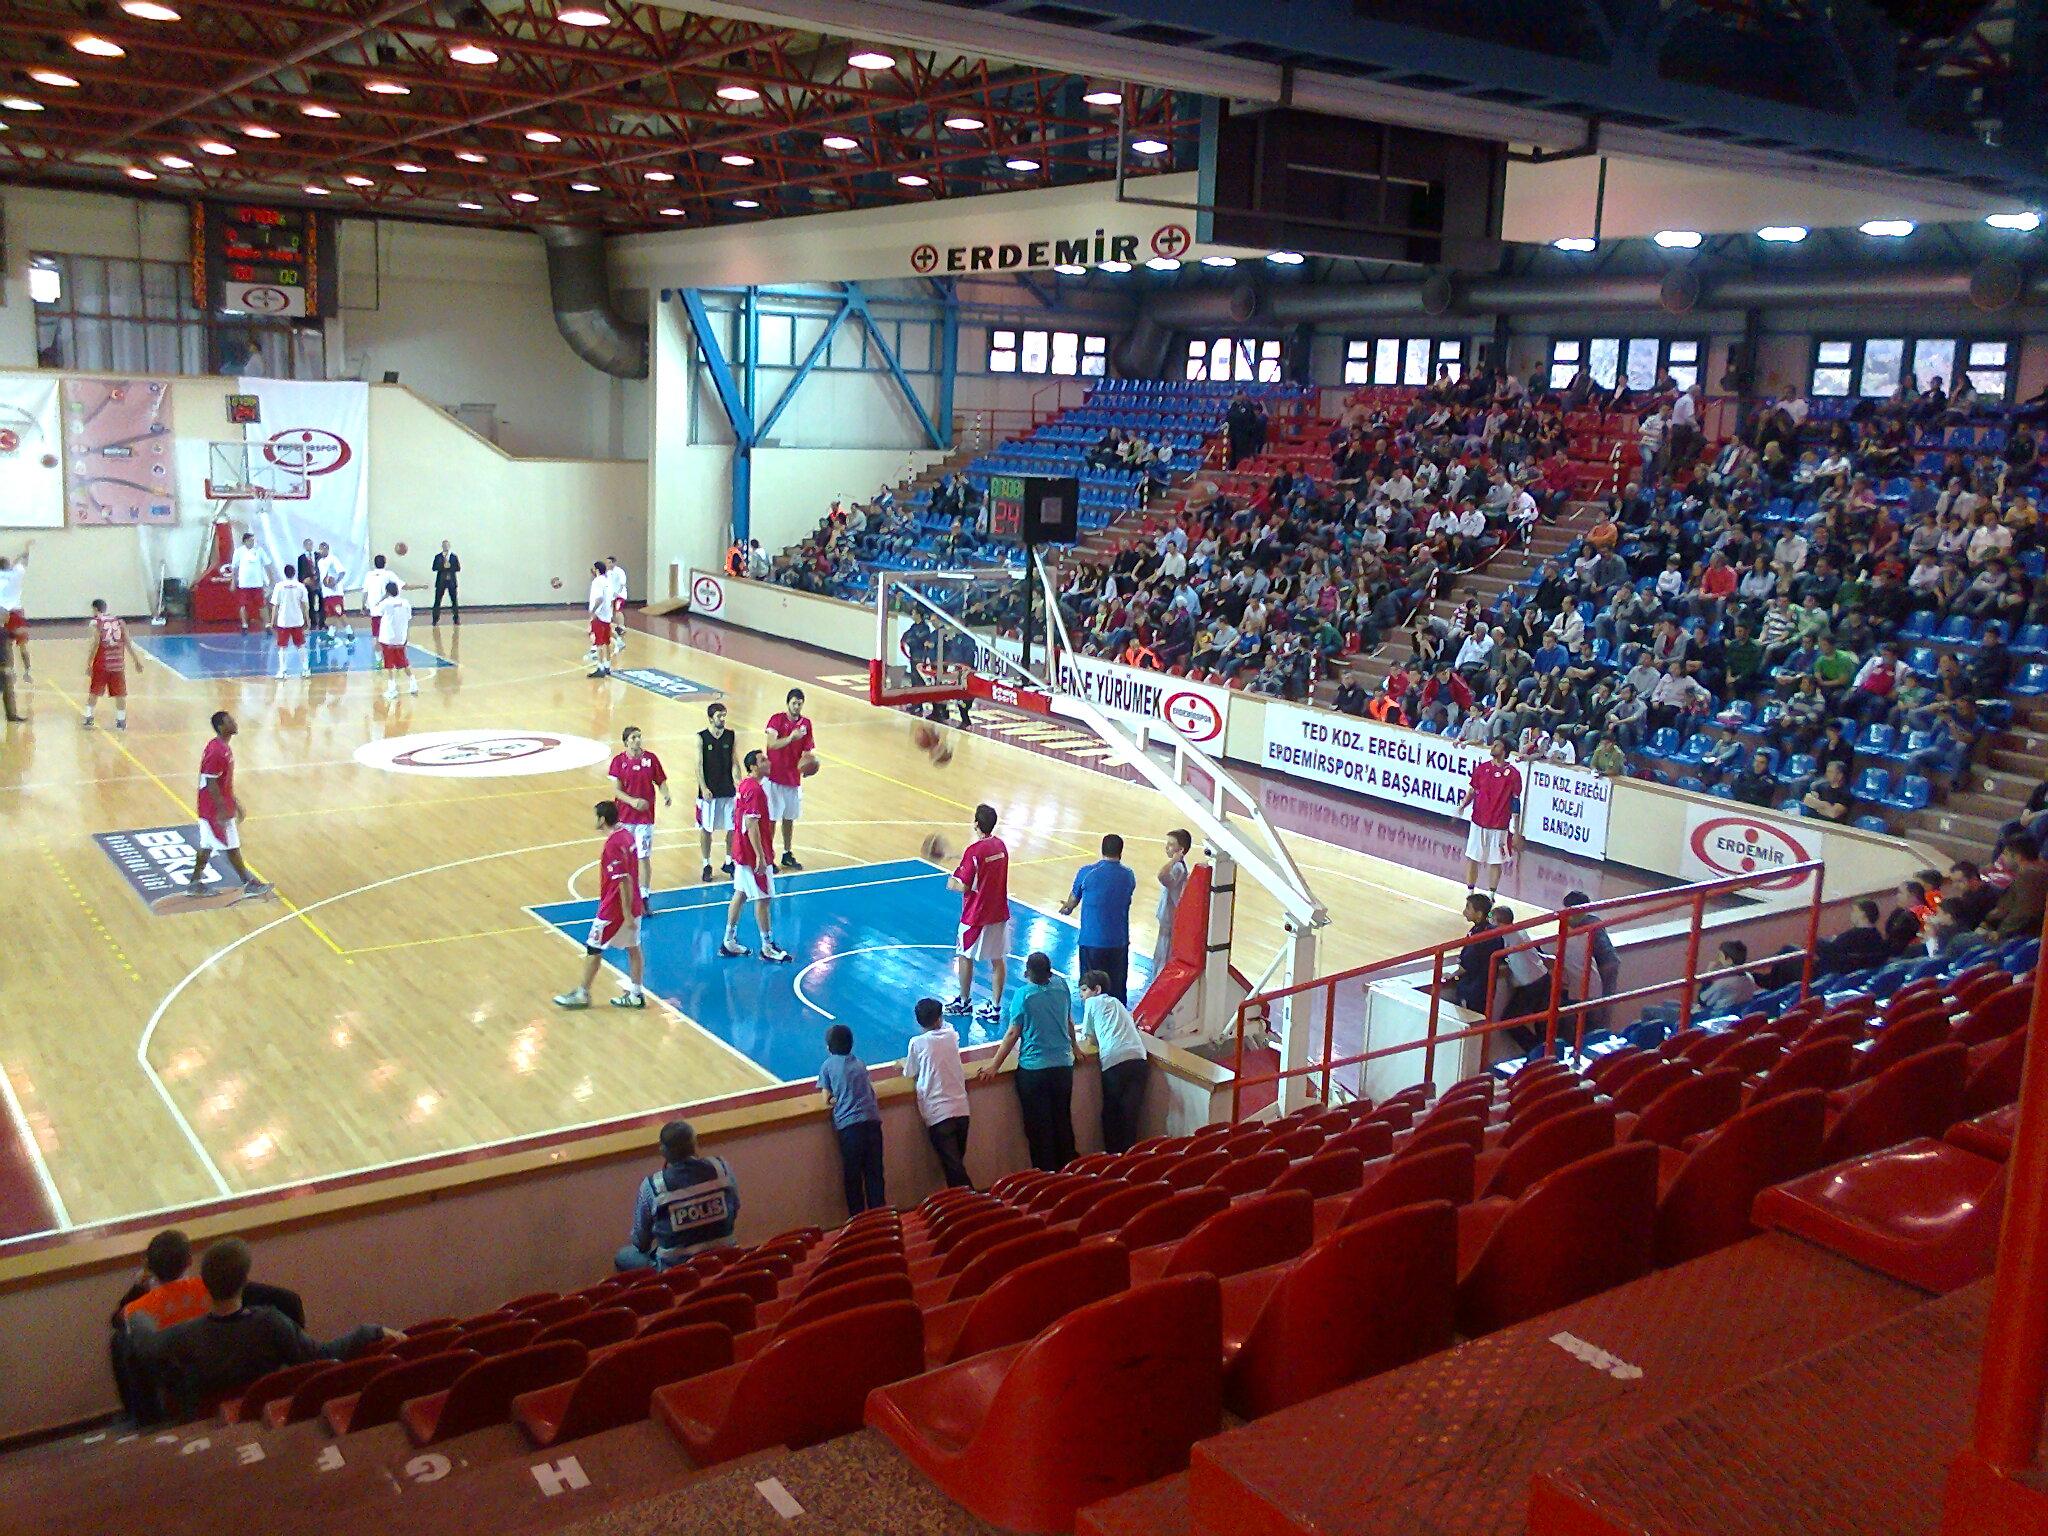 File:Erdemir Spor Salonu iç görünüş jpg - Wikipedia